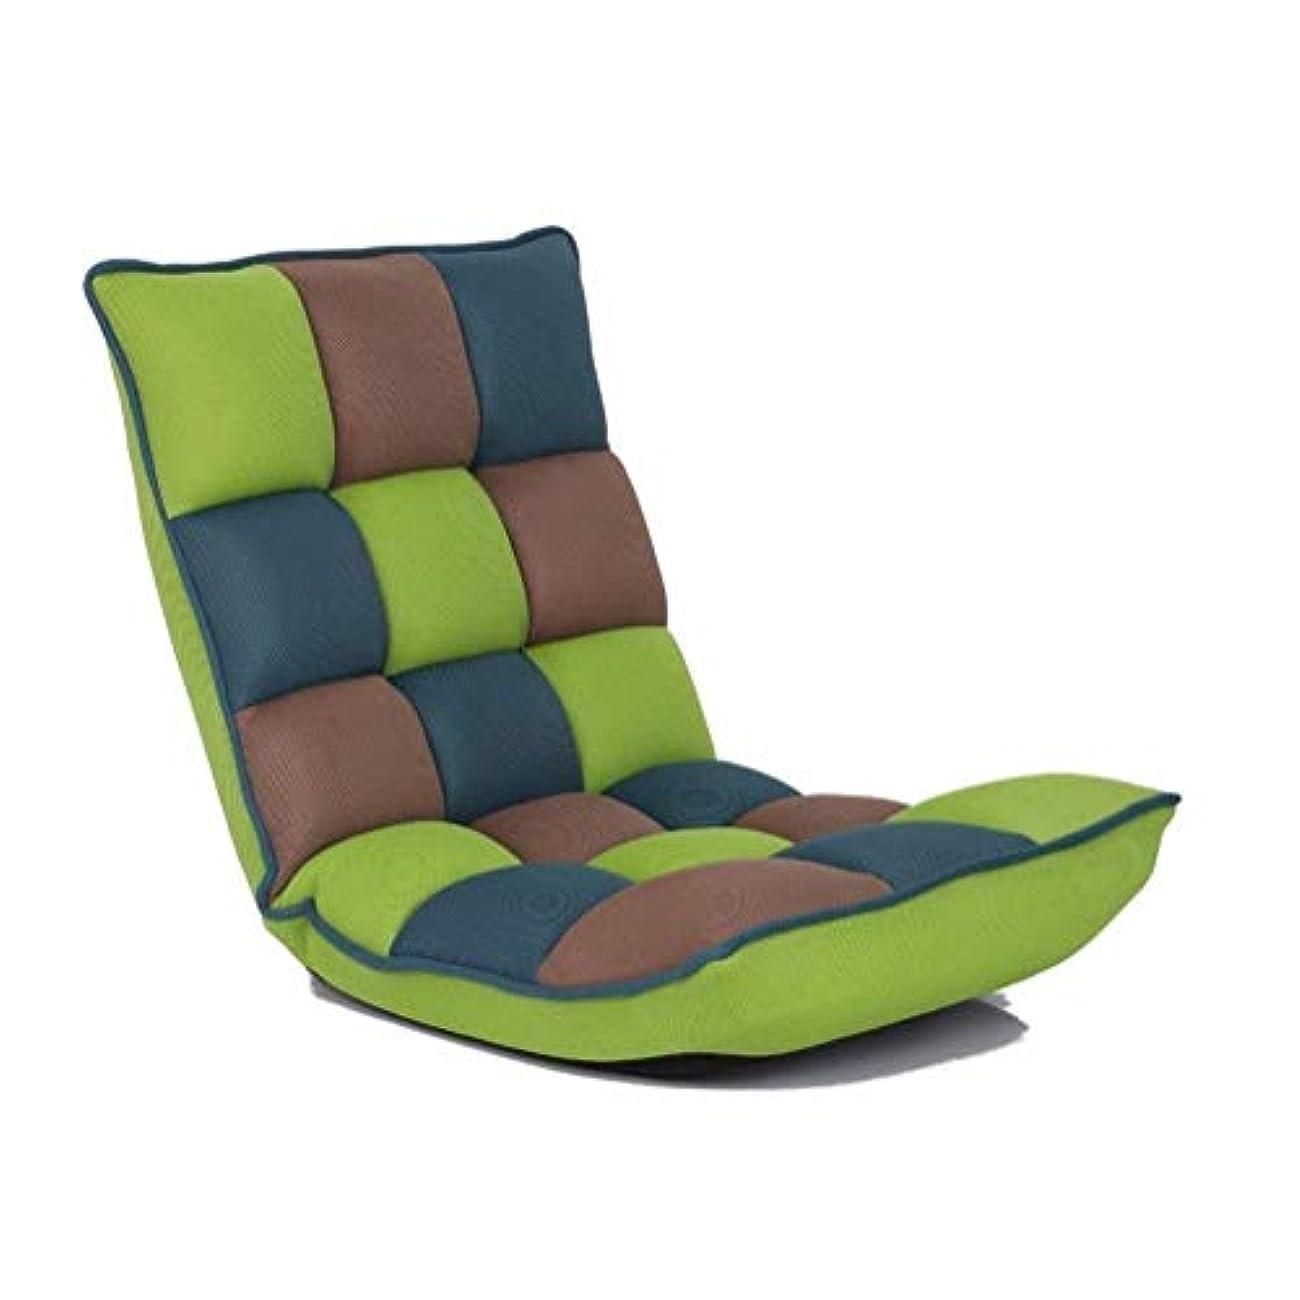 苦行家具スペイン怠zyなソファ、シングル畳、フロアチェア、快適なベッドルームコンピュータ折りたたみ式背もたれレッグレスウィンドウチェア (Color : 緑)